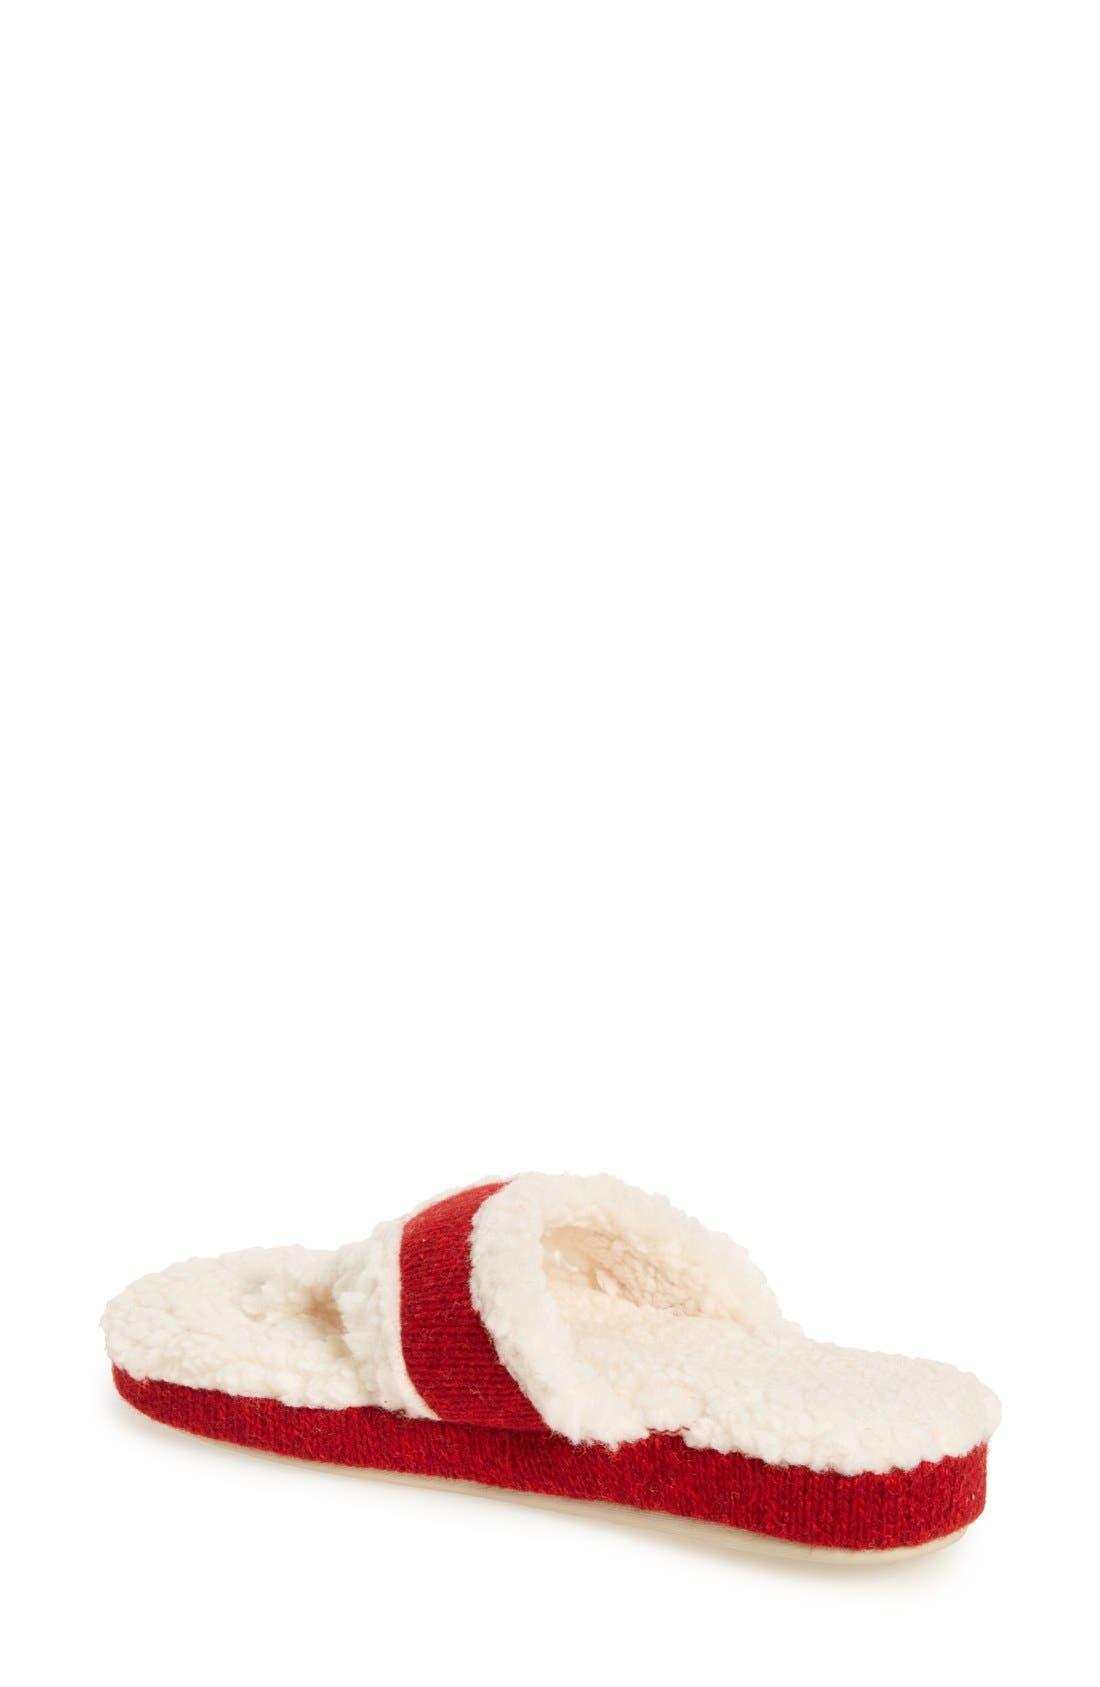 Alternate Image 2  - Acorn 'Ragg' Spa Slipper (Women)